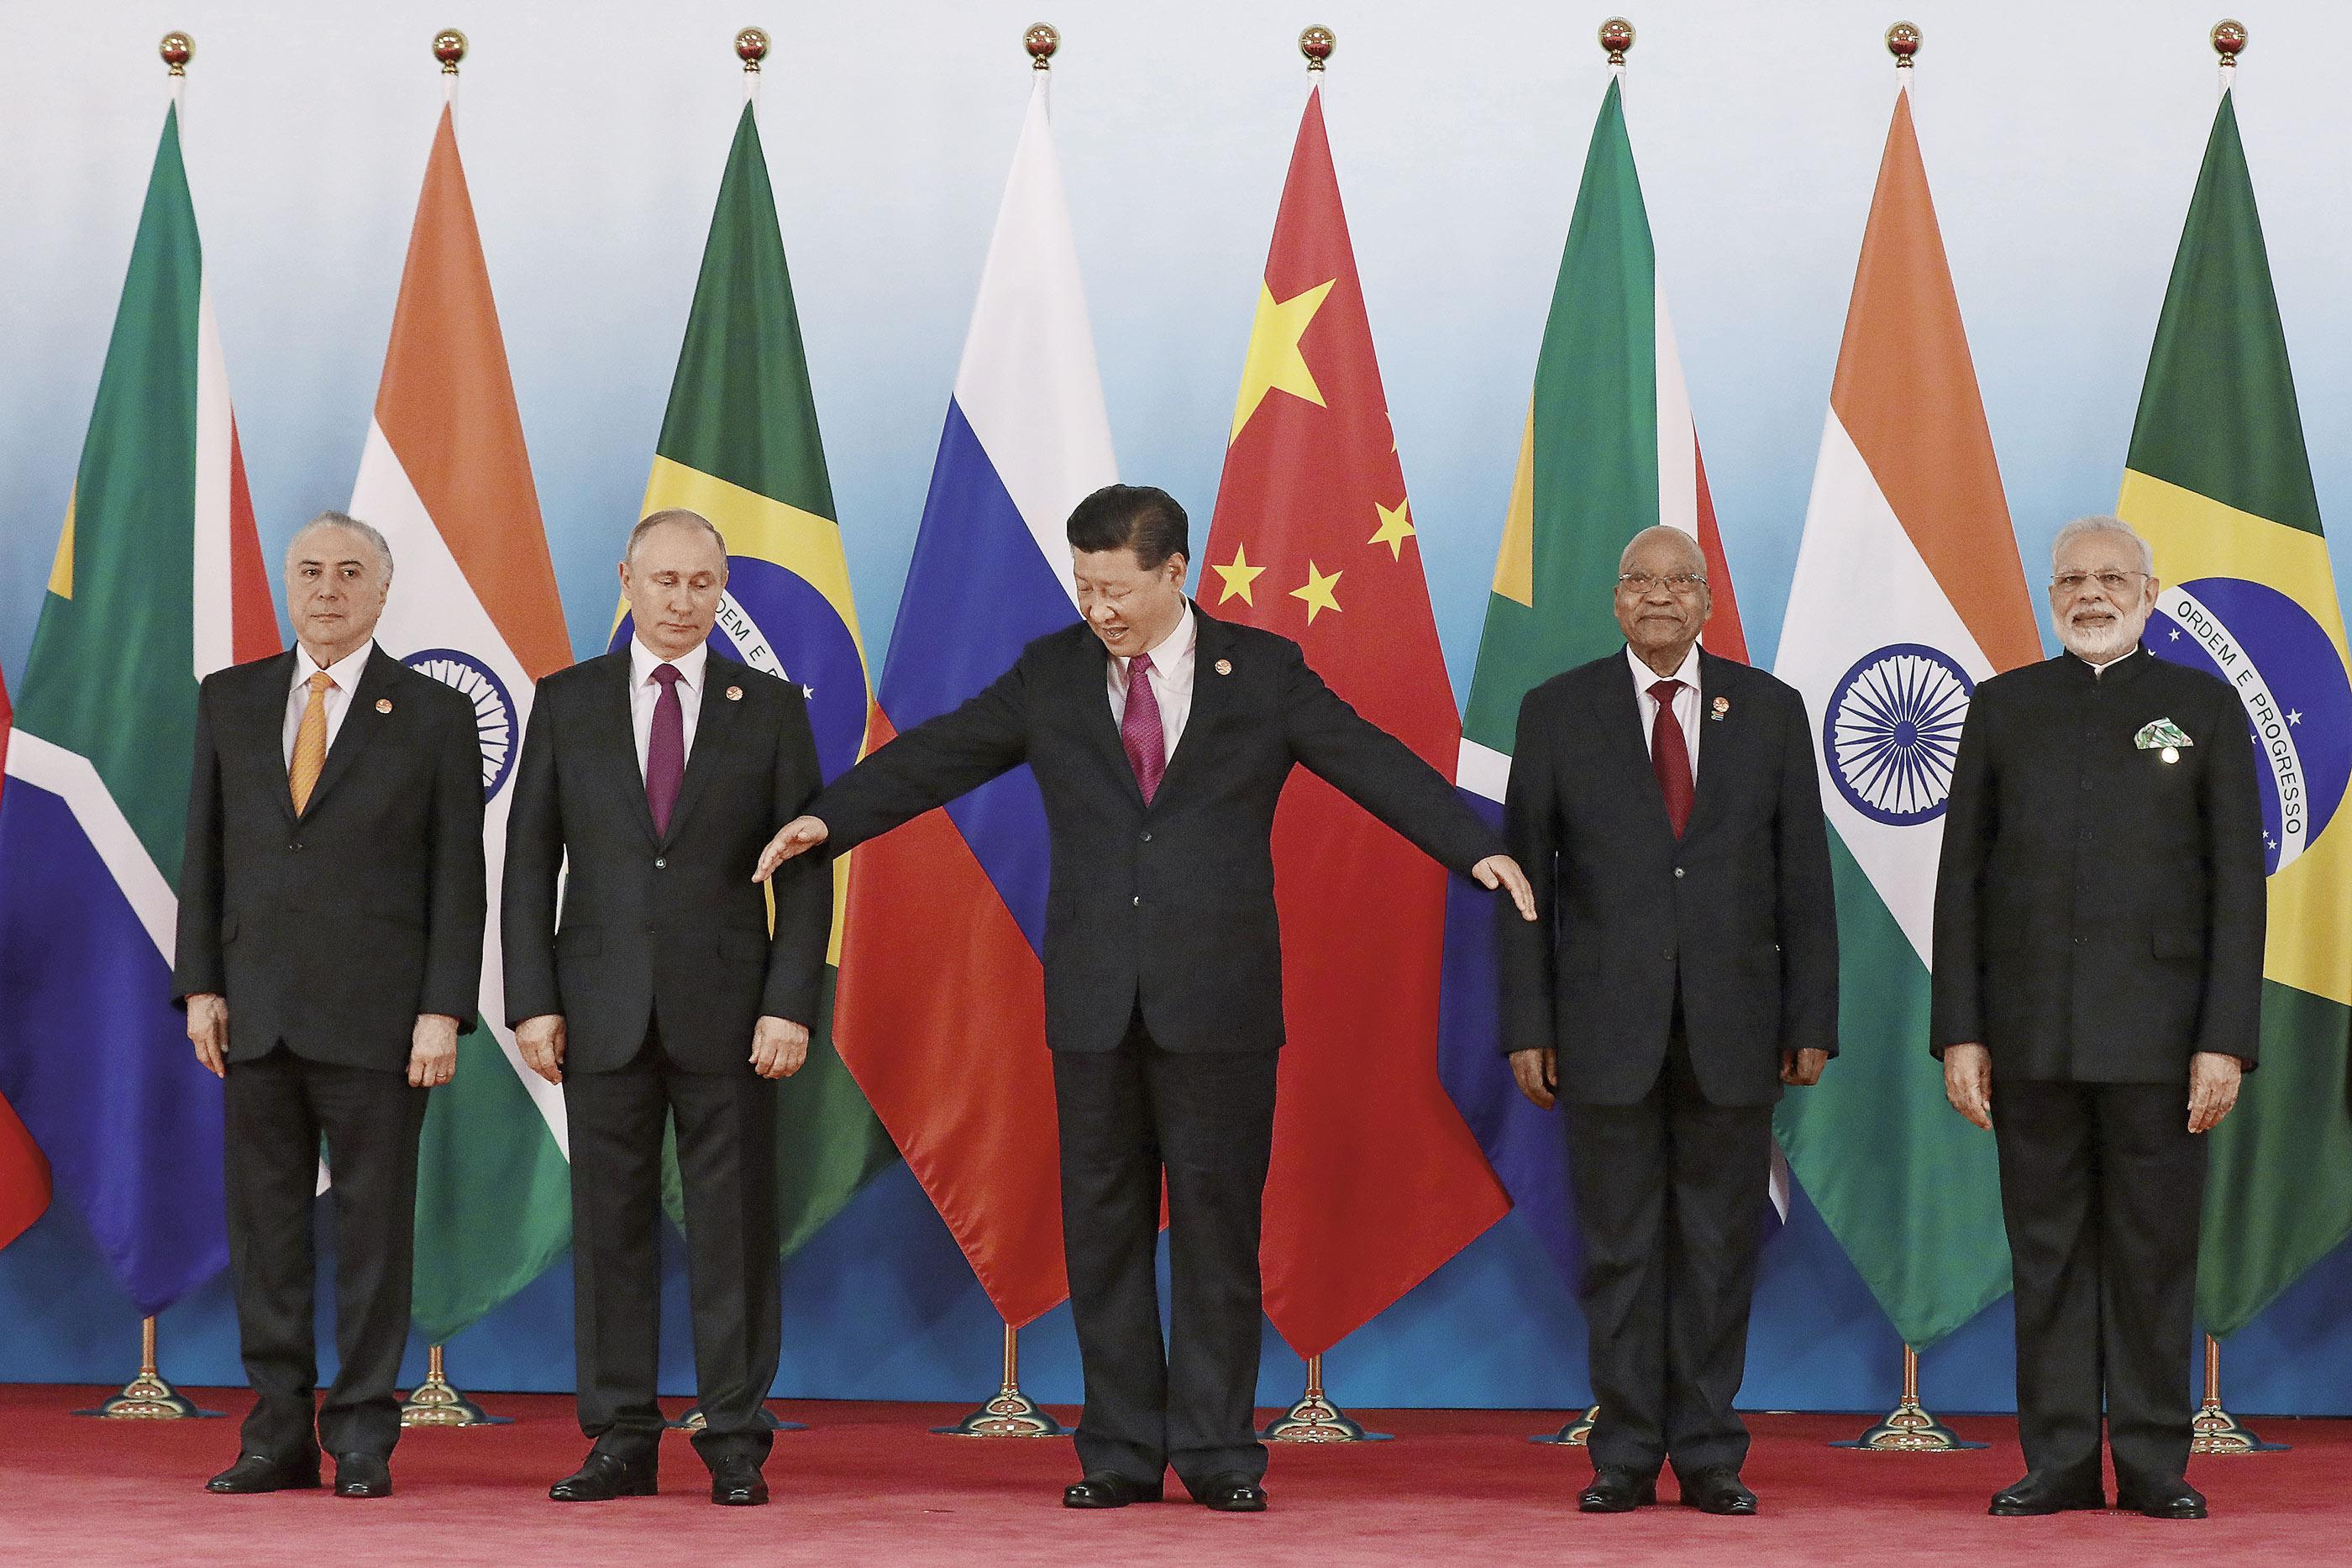 随着中国不断崛起,在国际场合的动作也愈加频繁。图为2017年福建厦门召开金砖国家峰会时五国领导人合影。